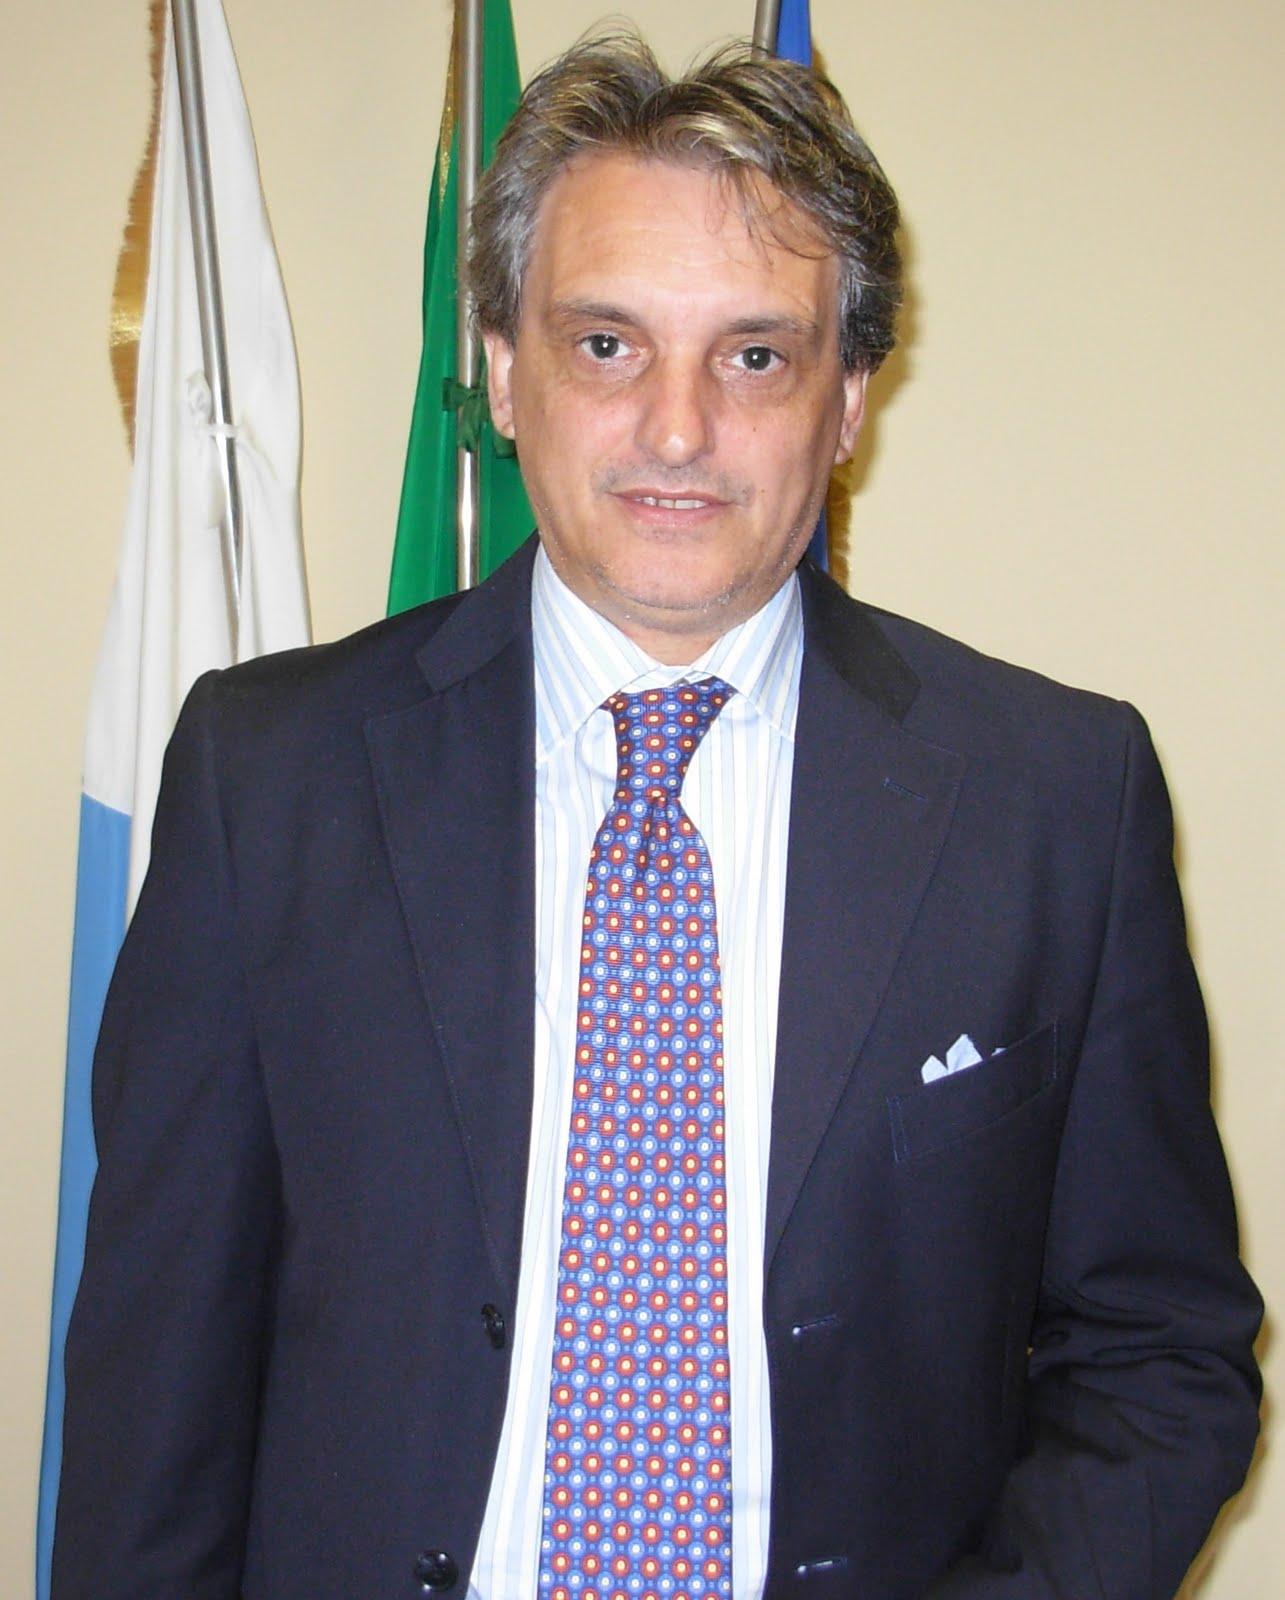 Ufficio Stampa Della Provincia Di Vibo Valentia 2010